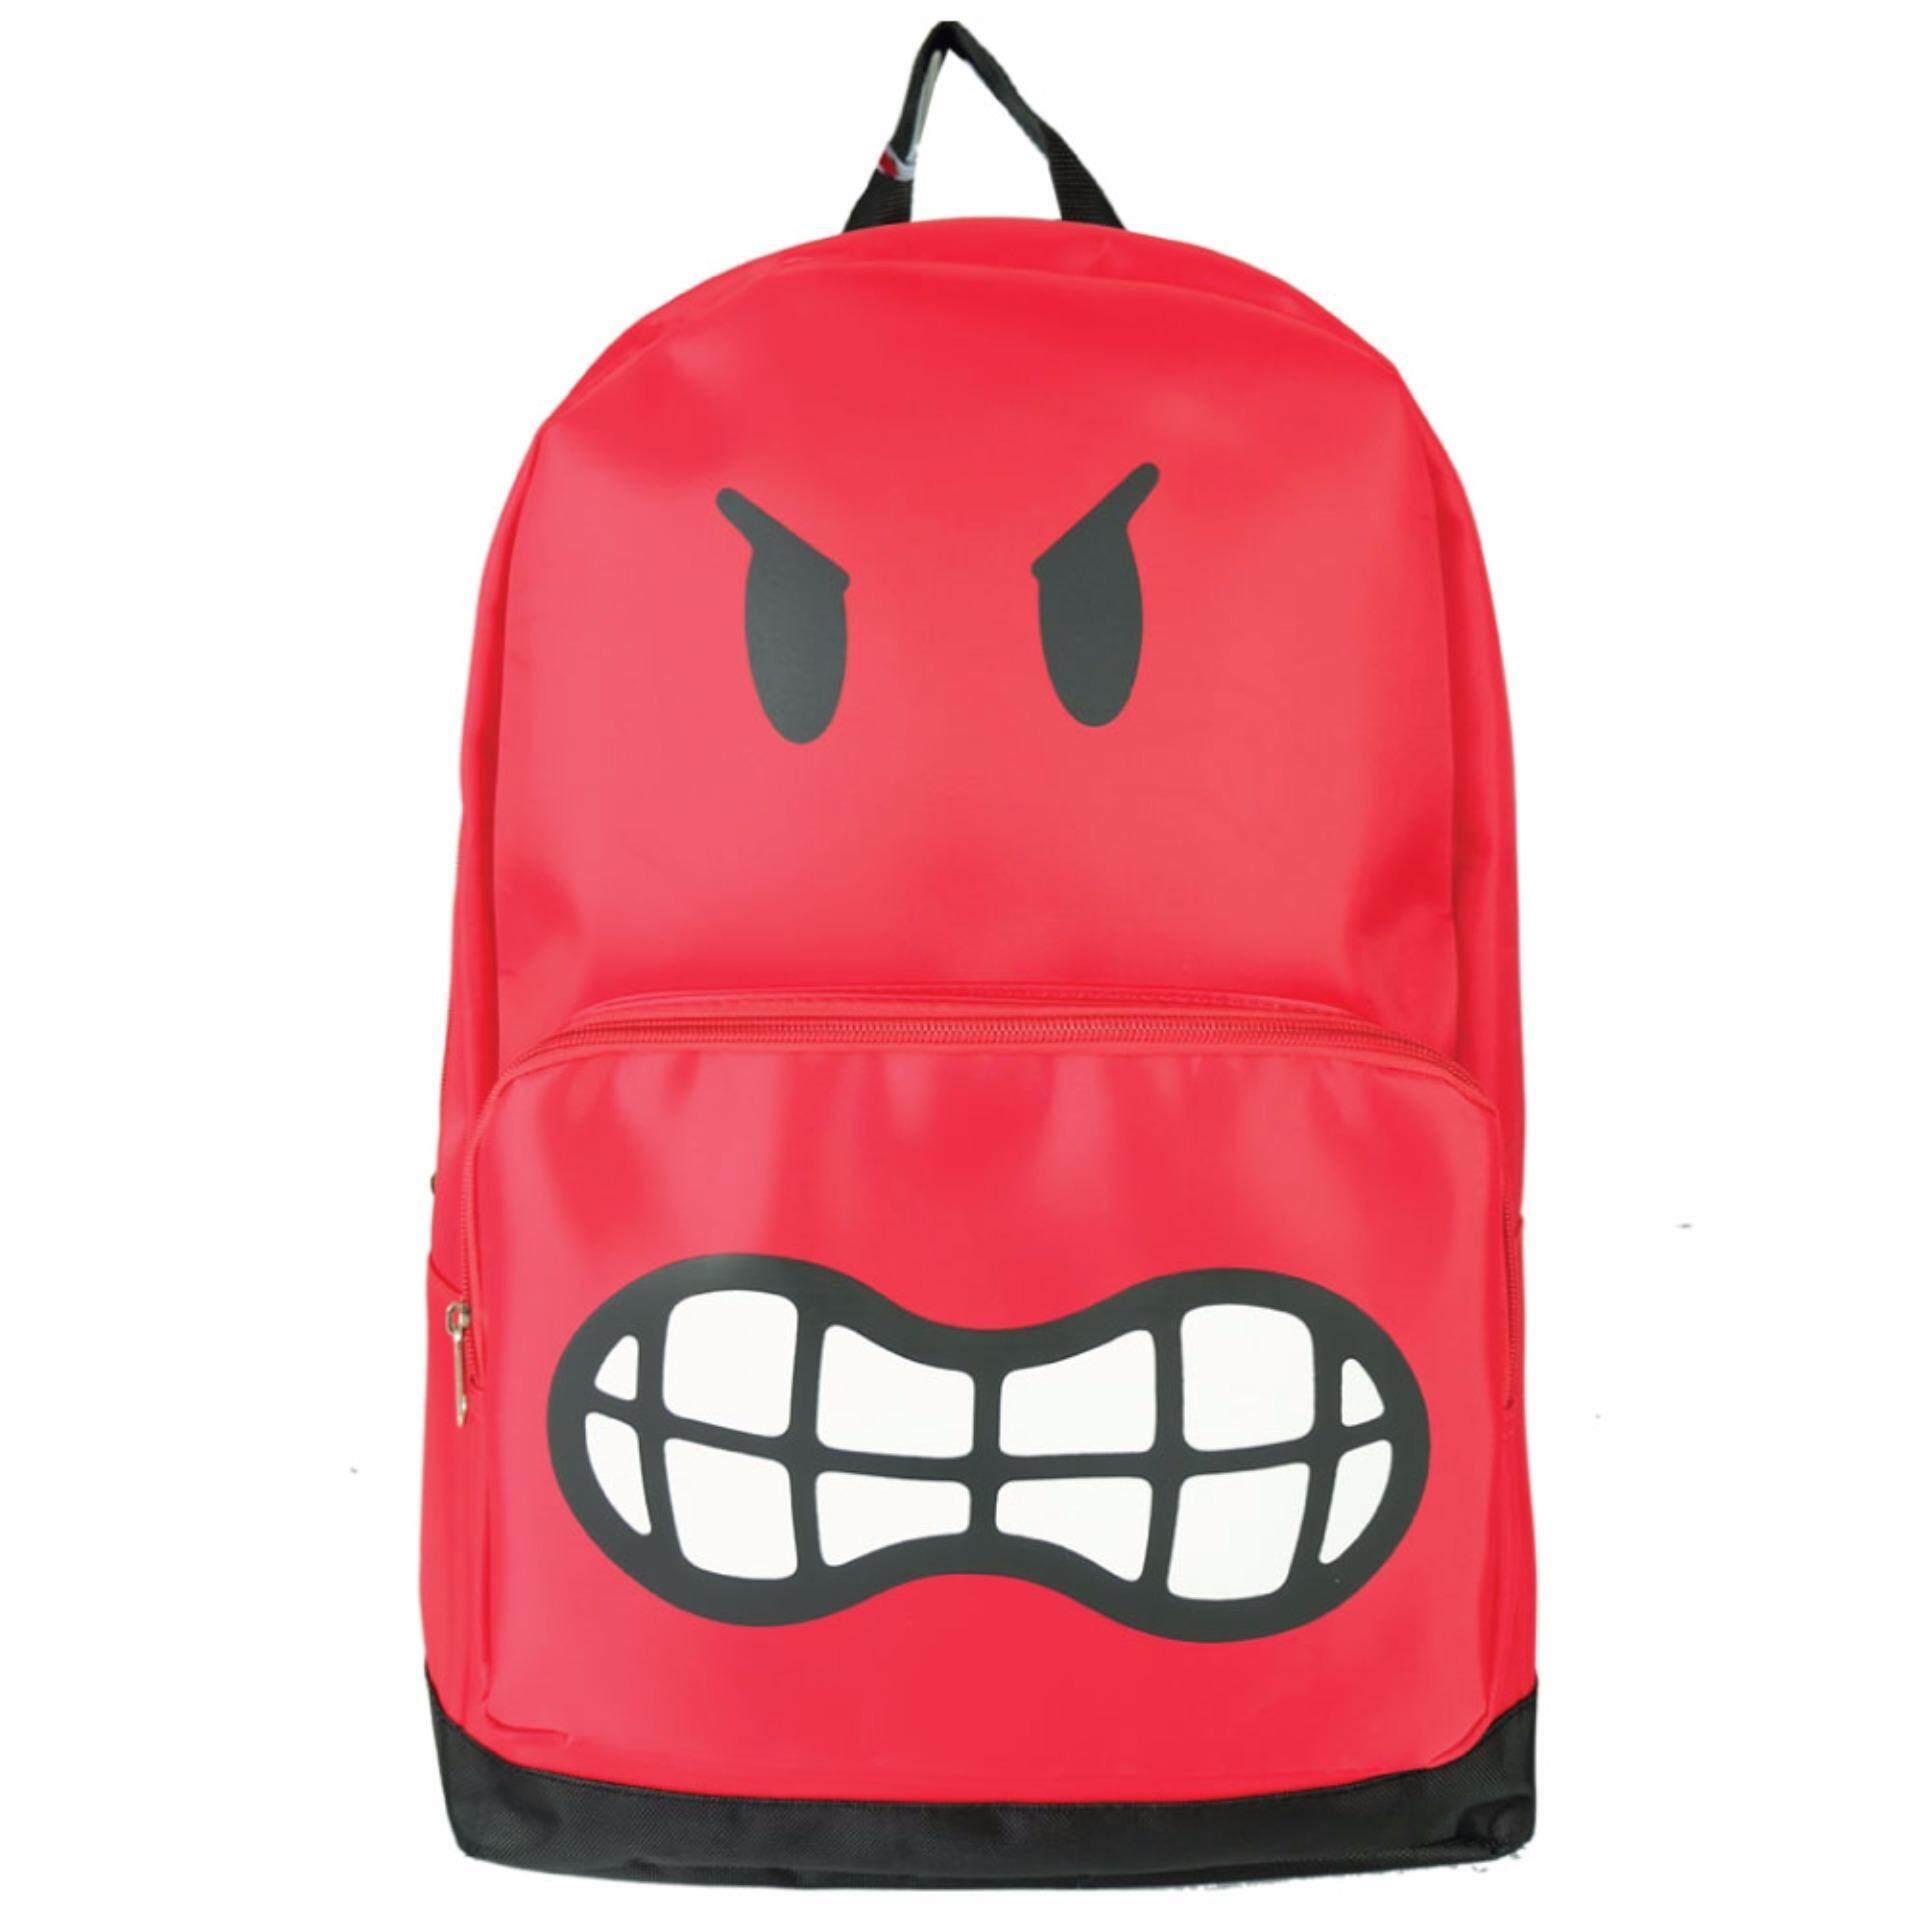 Polypac Produk Terbaru Tas Backpack Premium Old Steelseries Orange Smiley Ss1641 18 Inch Emojis